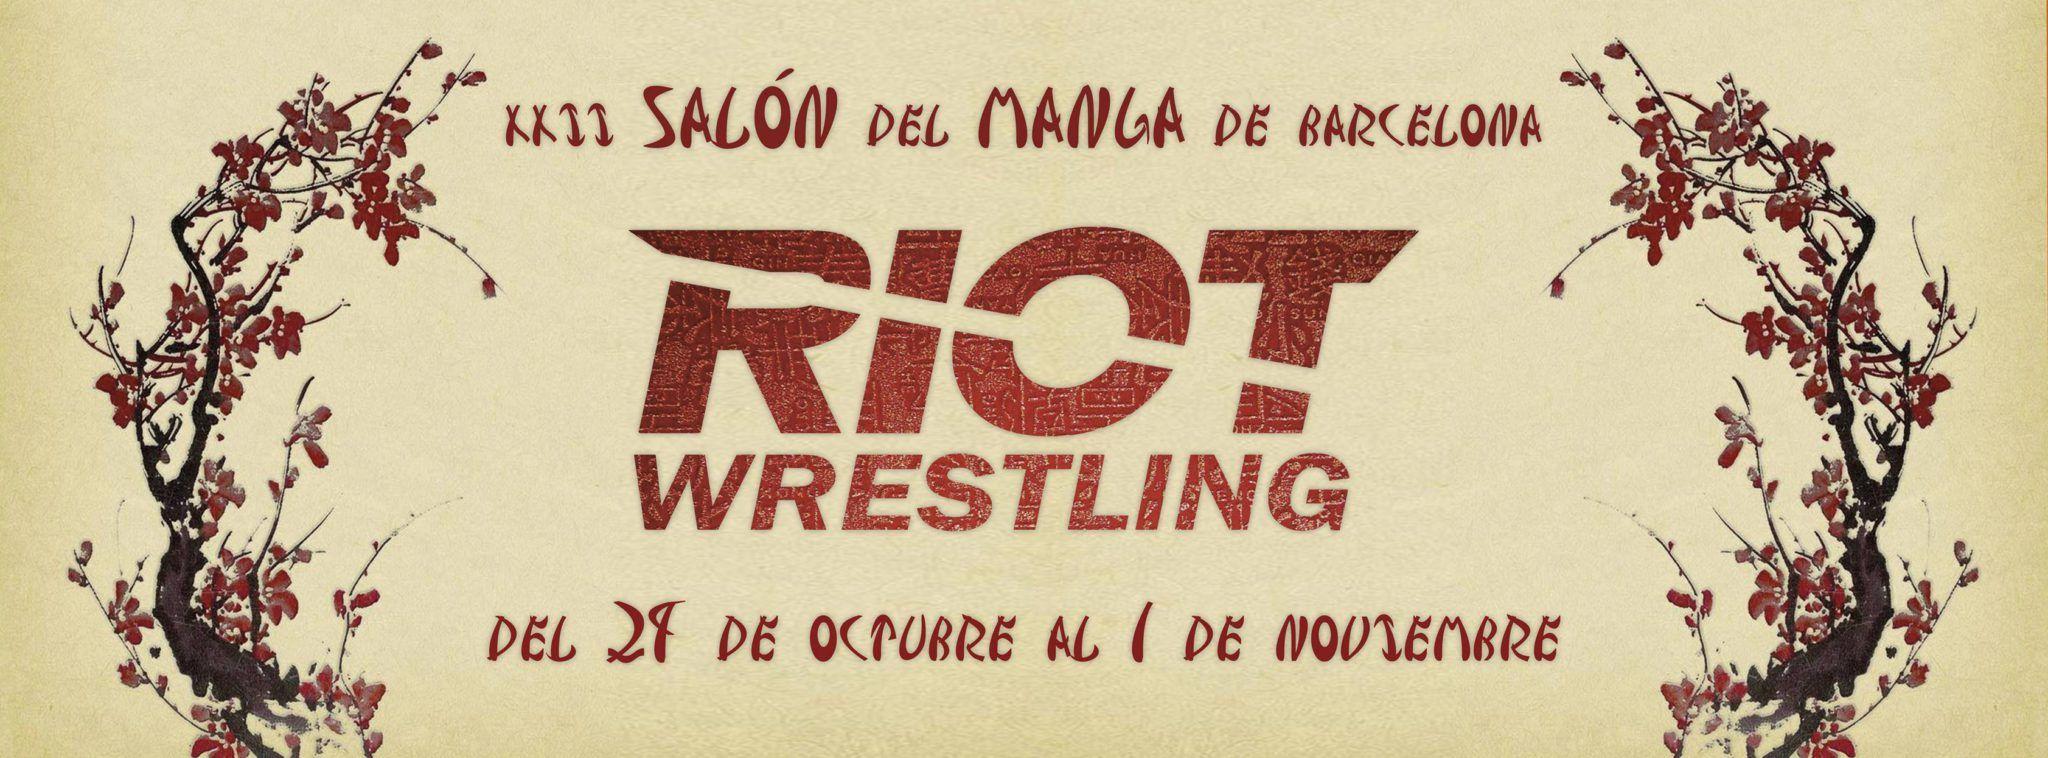 riot-wrestling